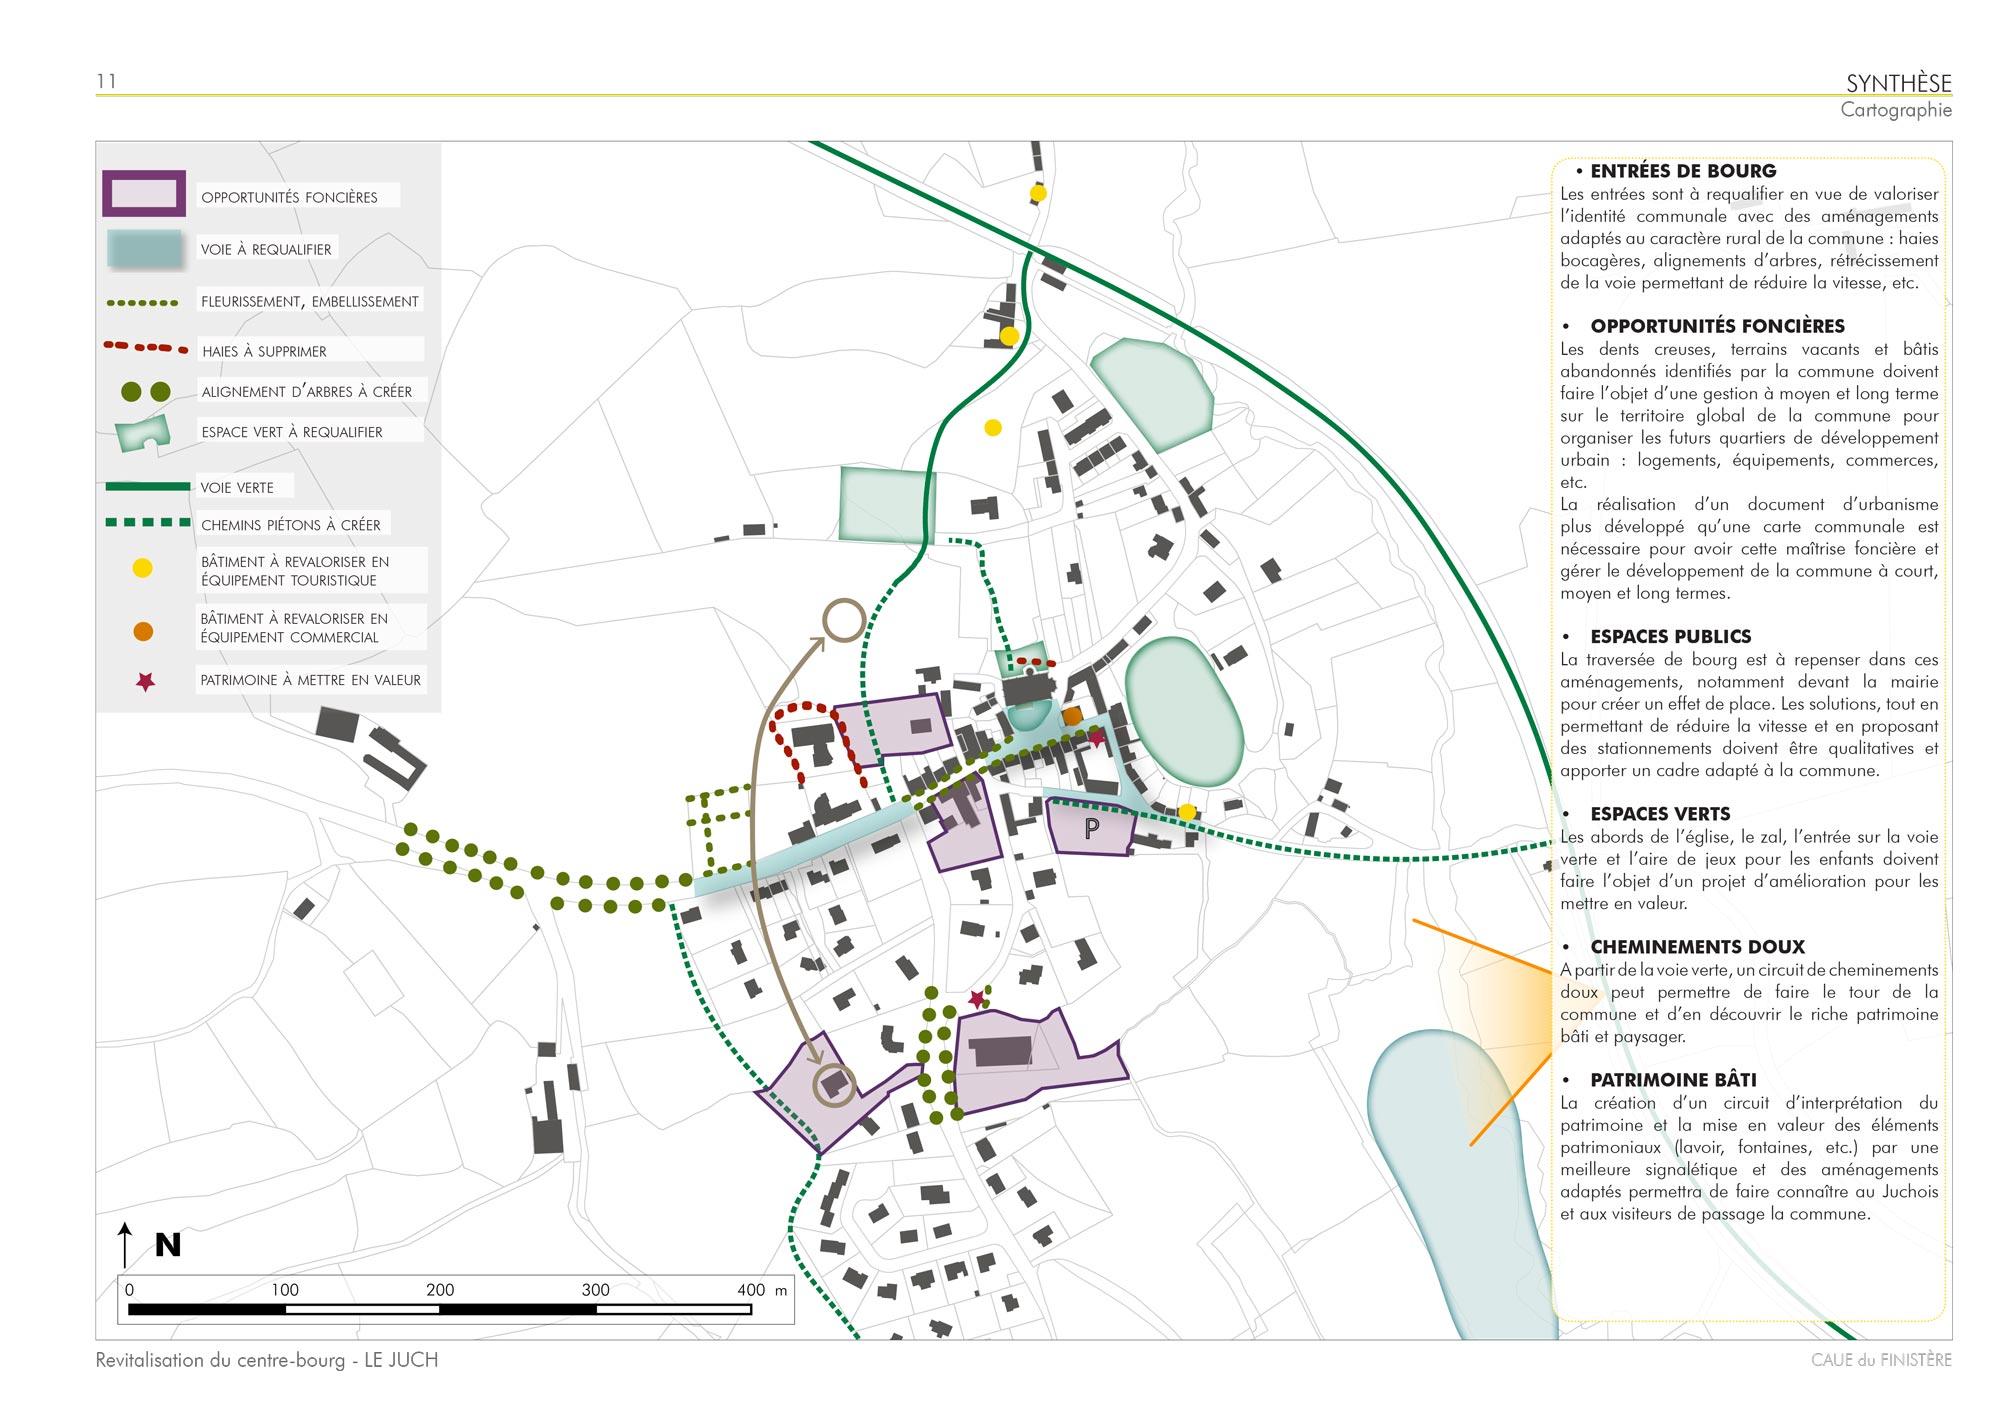 Cartographie de synthèse de l'atelier pédagogique du Juch